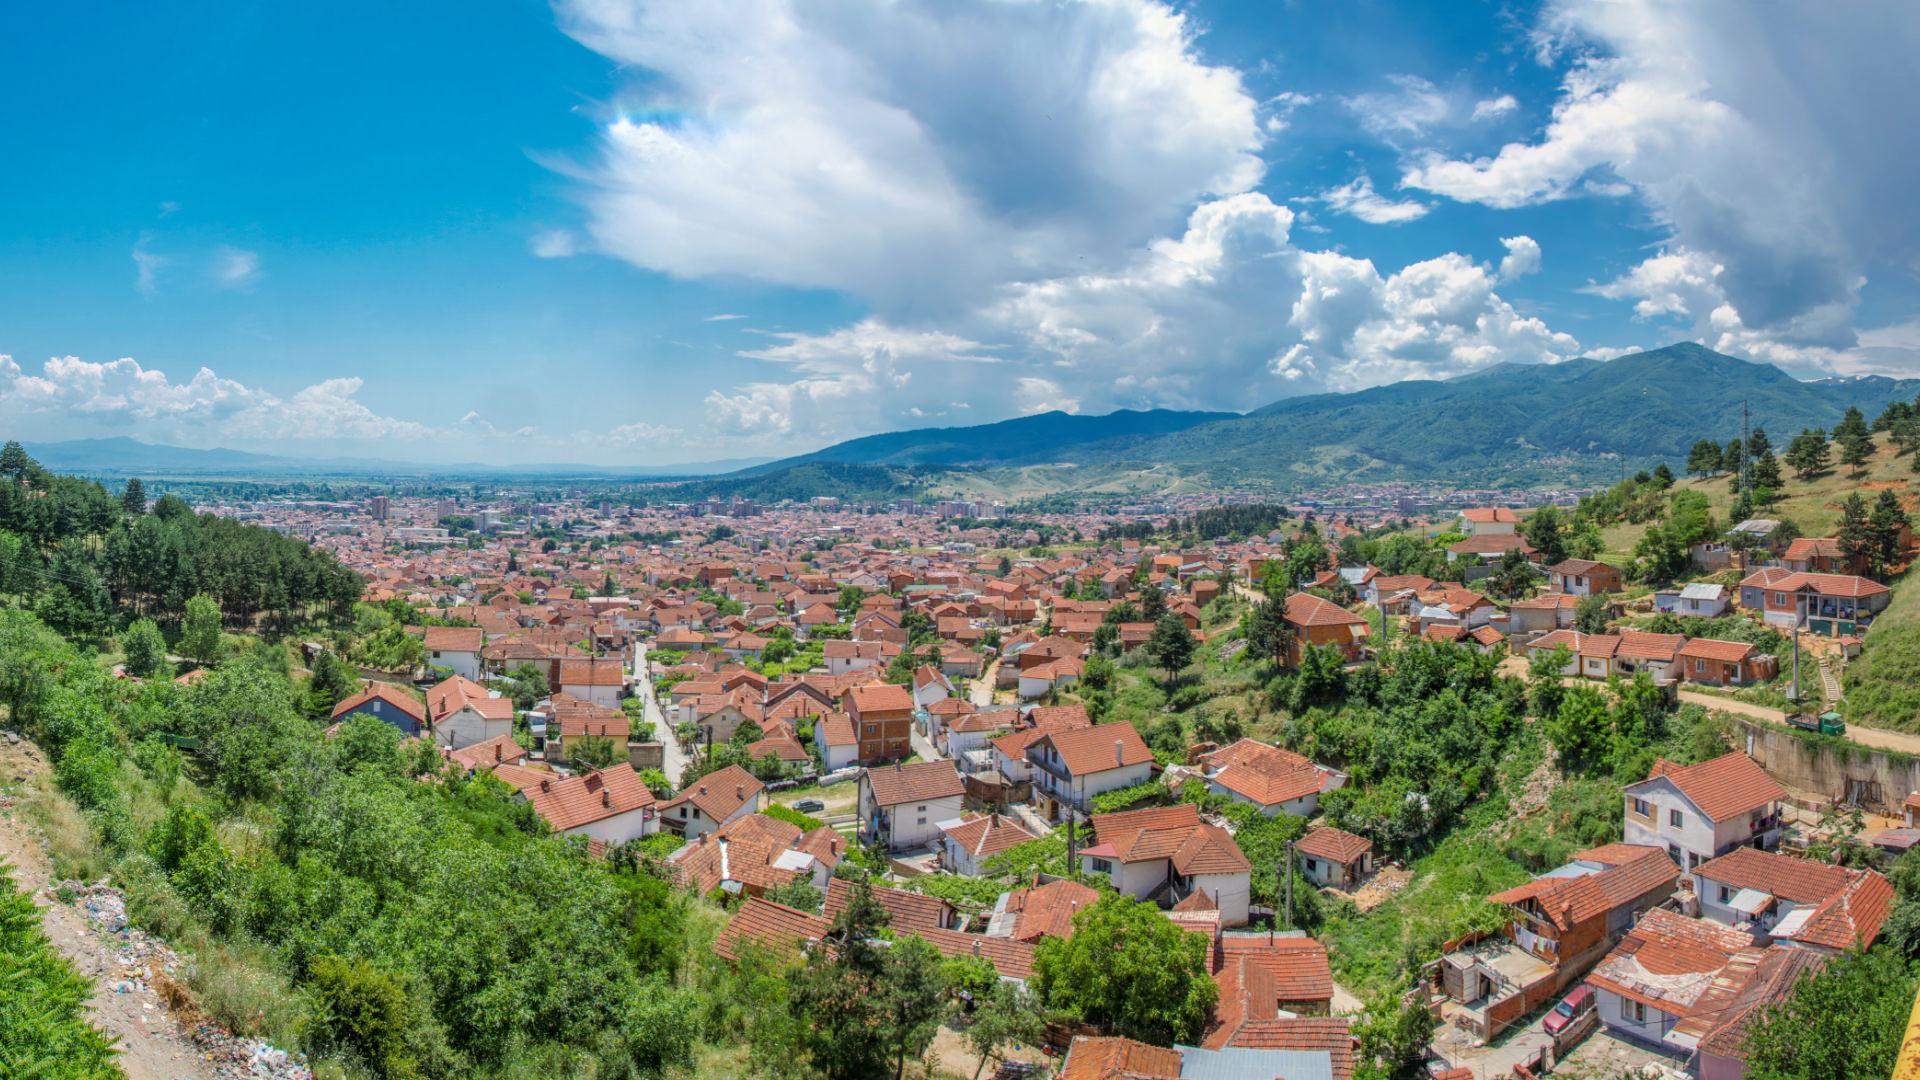 Balkanlar Gezisi; Makedonya Seyahati (1.Bölüm)